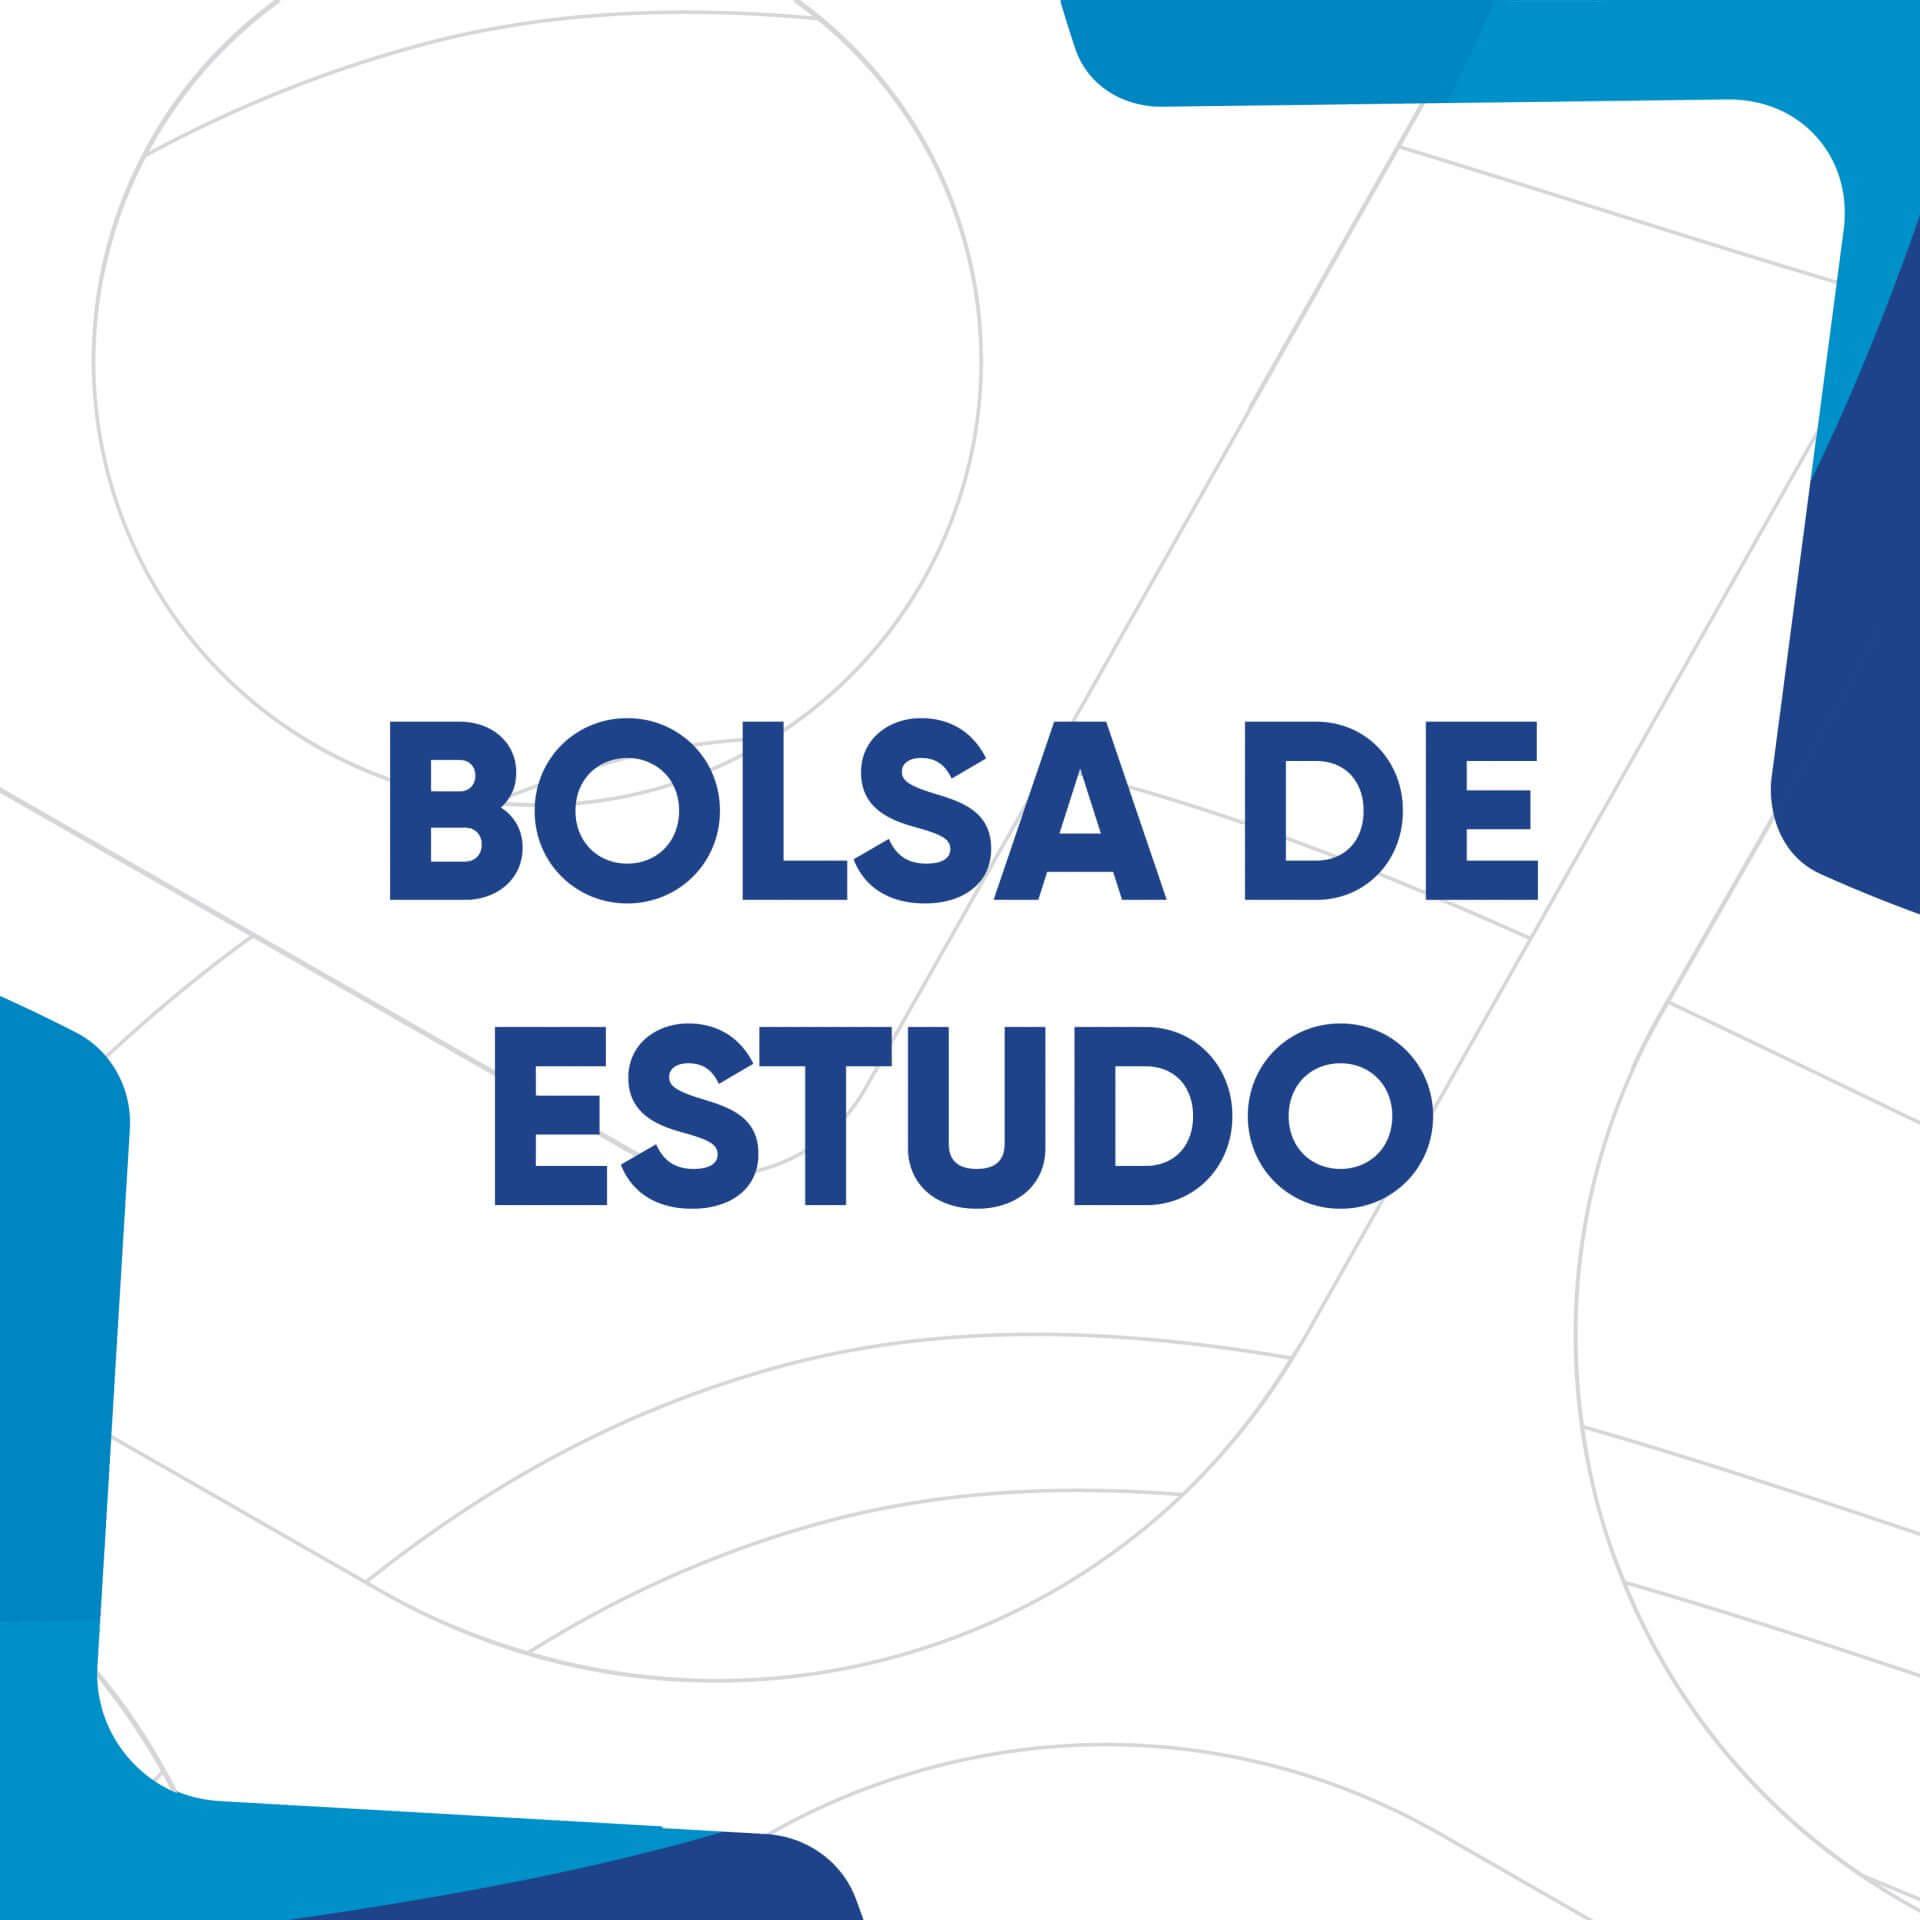 Bolsa-de-Estudo-01